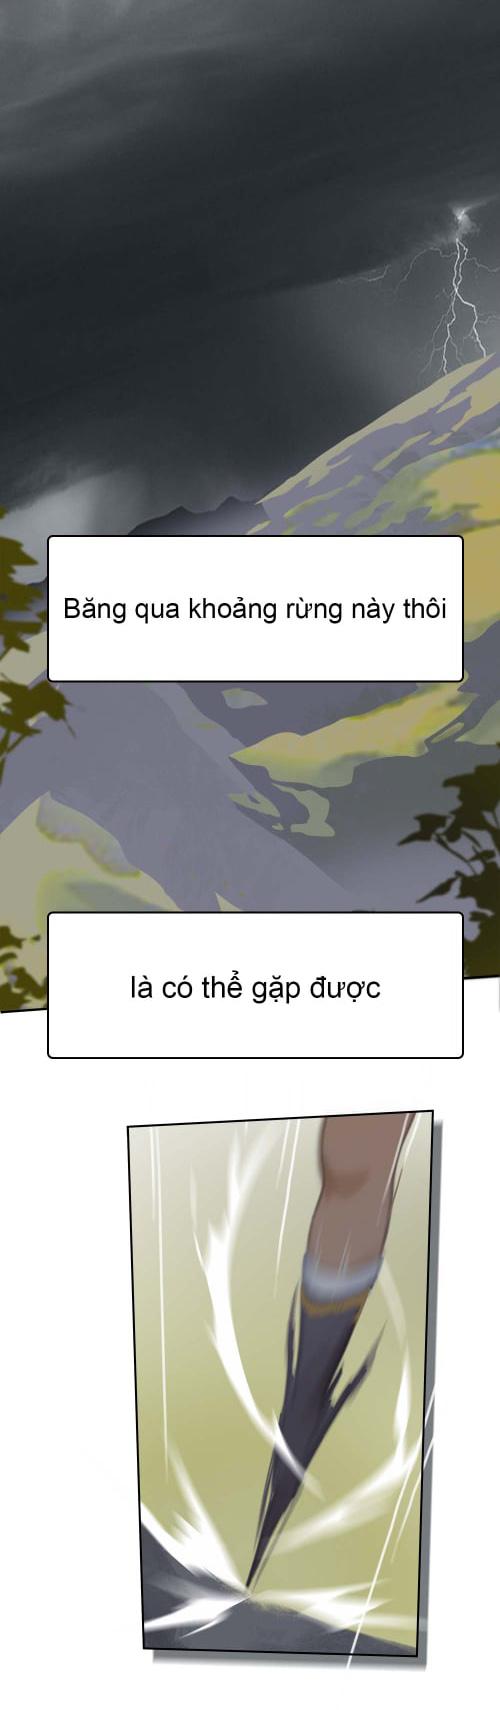 Bi su Vung Bi Dia Rong Than #3 Chuong 1 Hoi uc - Trang 1